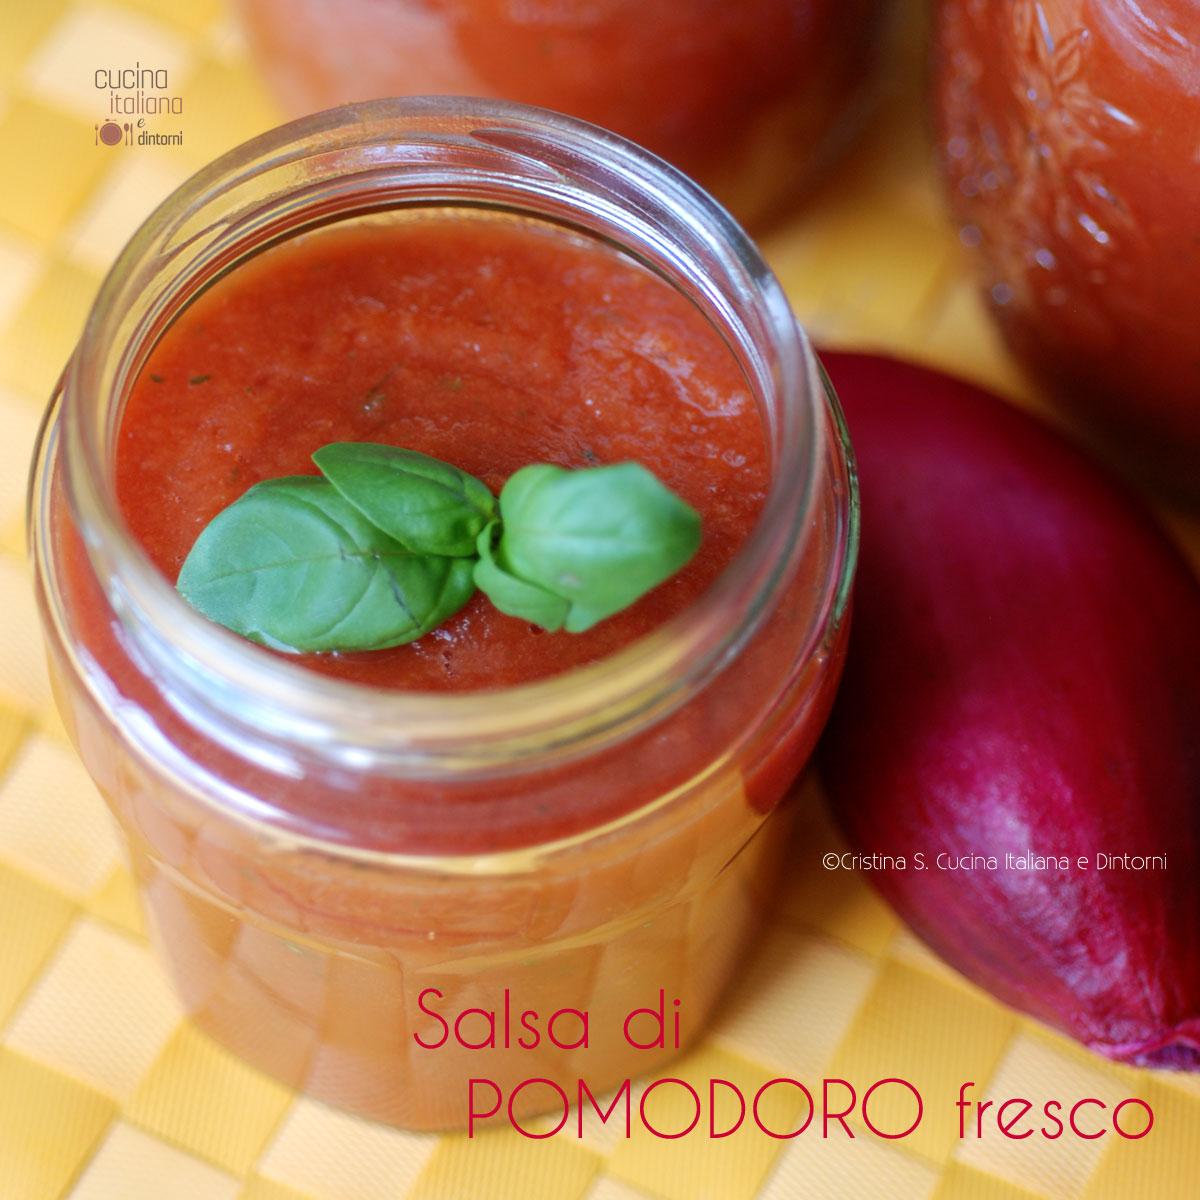 Salsa di pomodoro fresco e verdure per condire la pasta